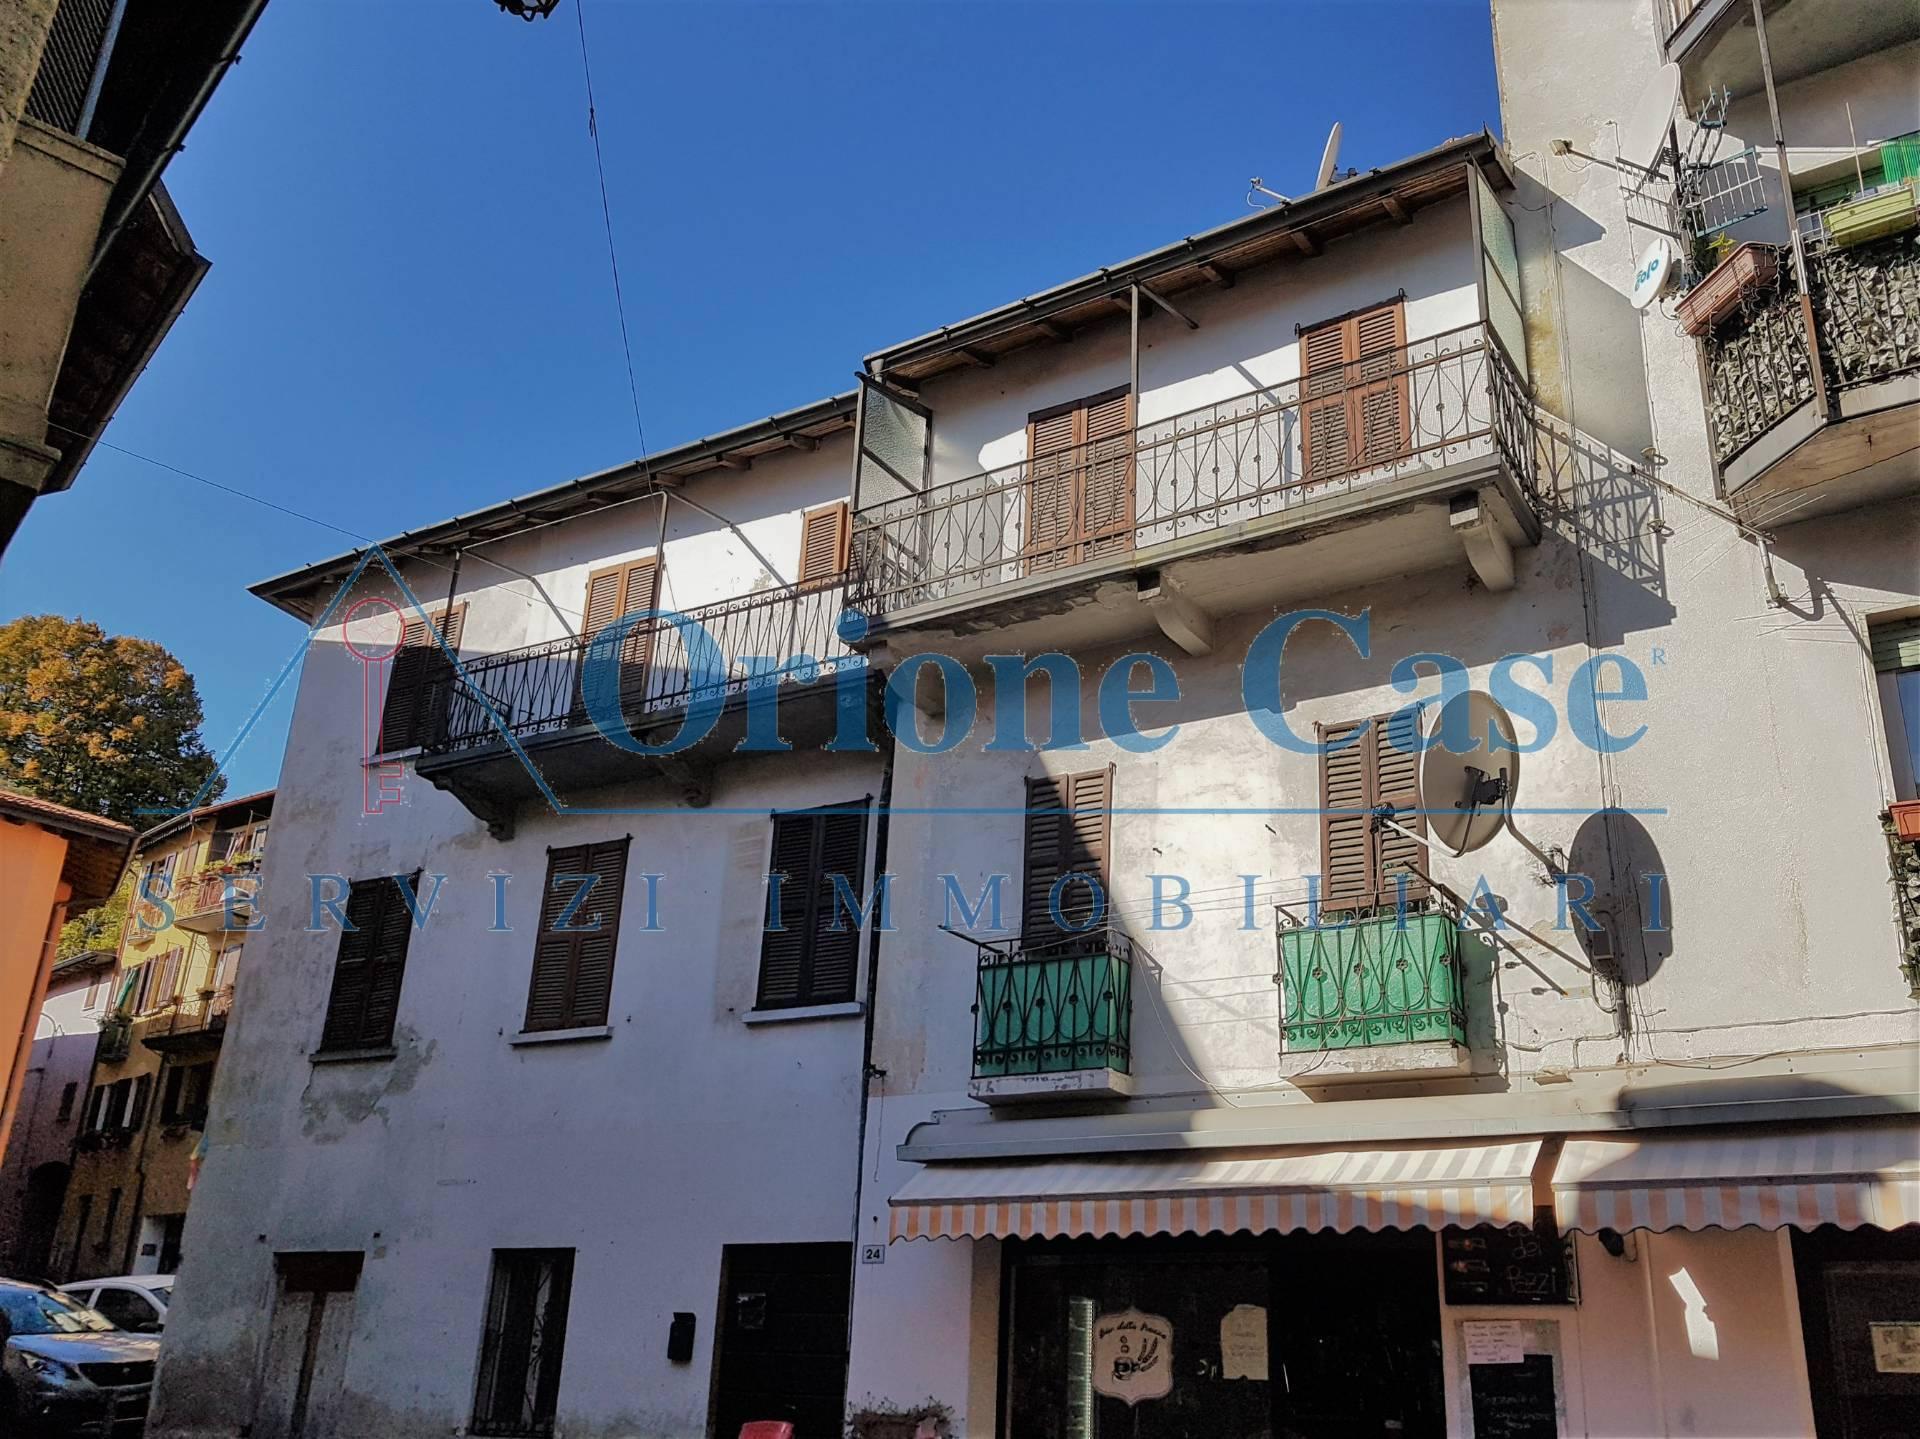 Appartamento in vendita a Marchirolo, 2 locali, prezzo € 35.000 | PortaleAgenzieImmobiliari.it